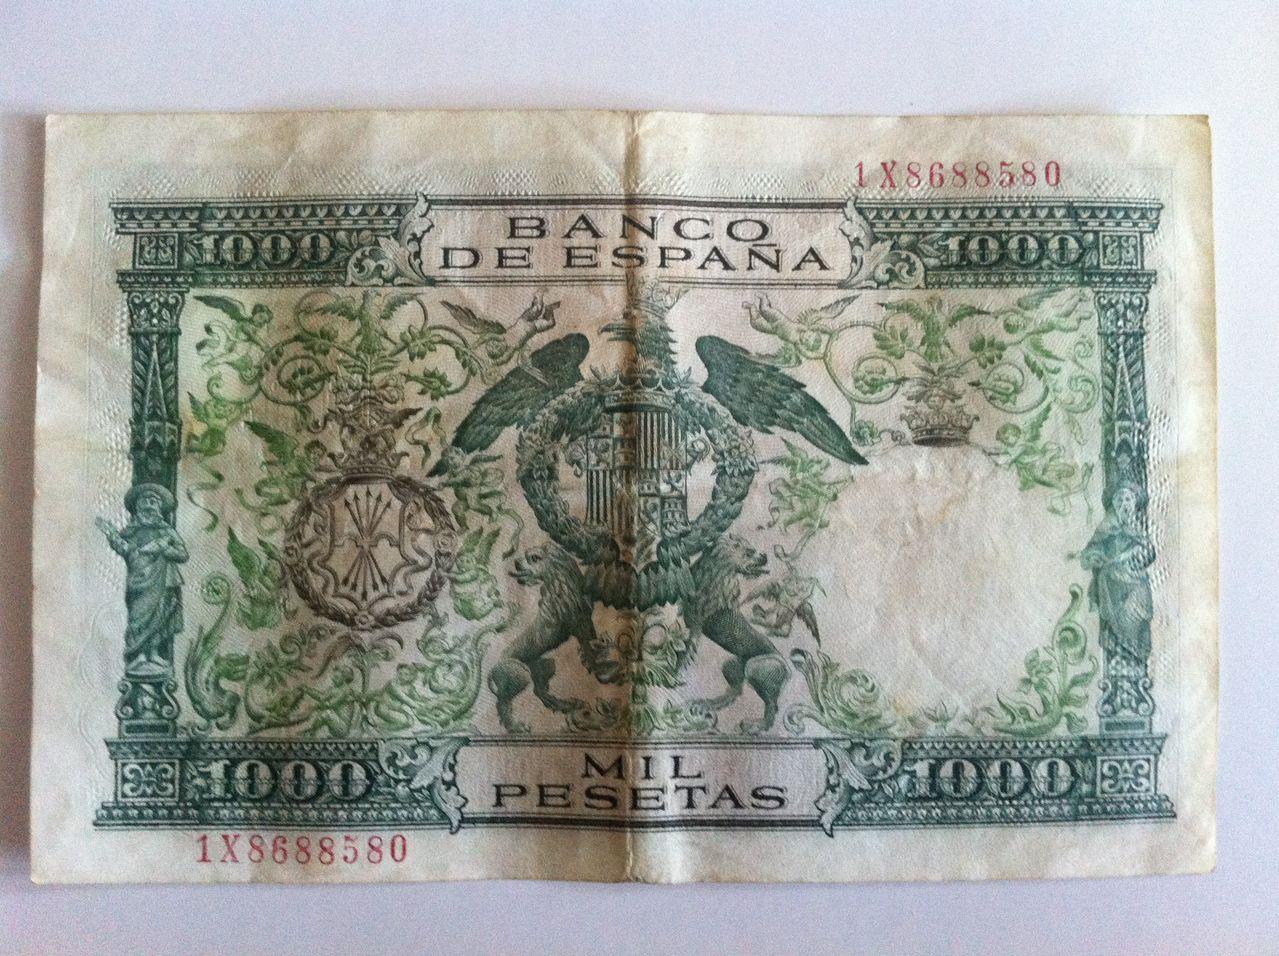 Ayuda para valorar coleccion de billetes IMG_4970